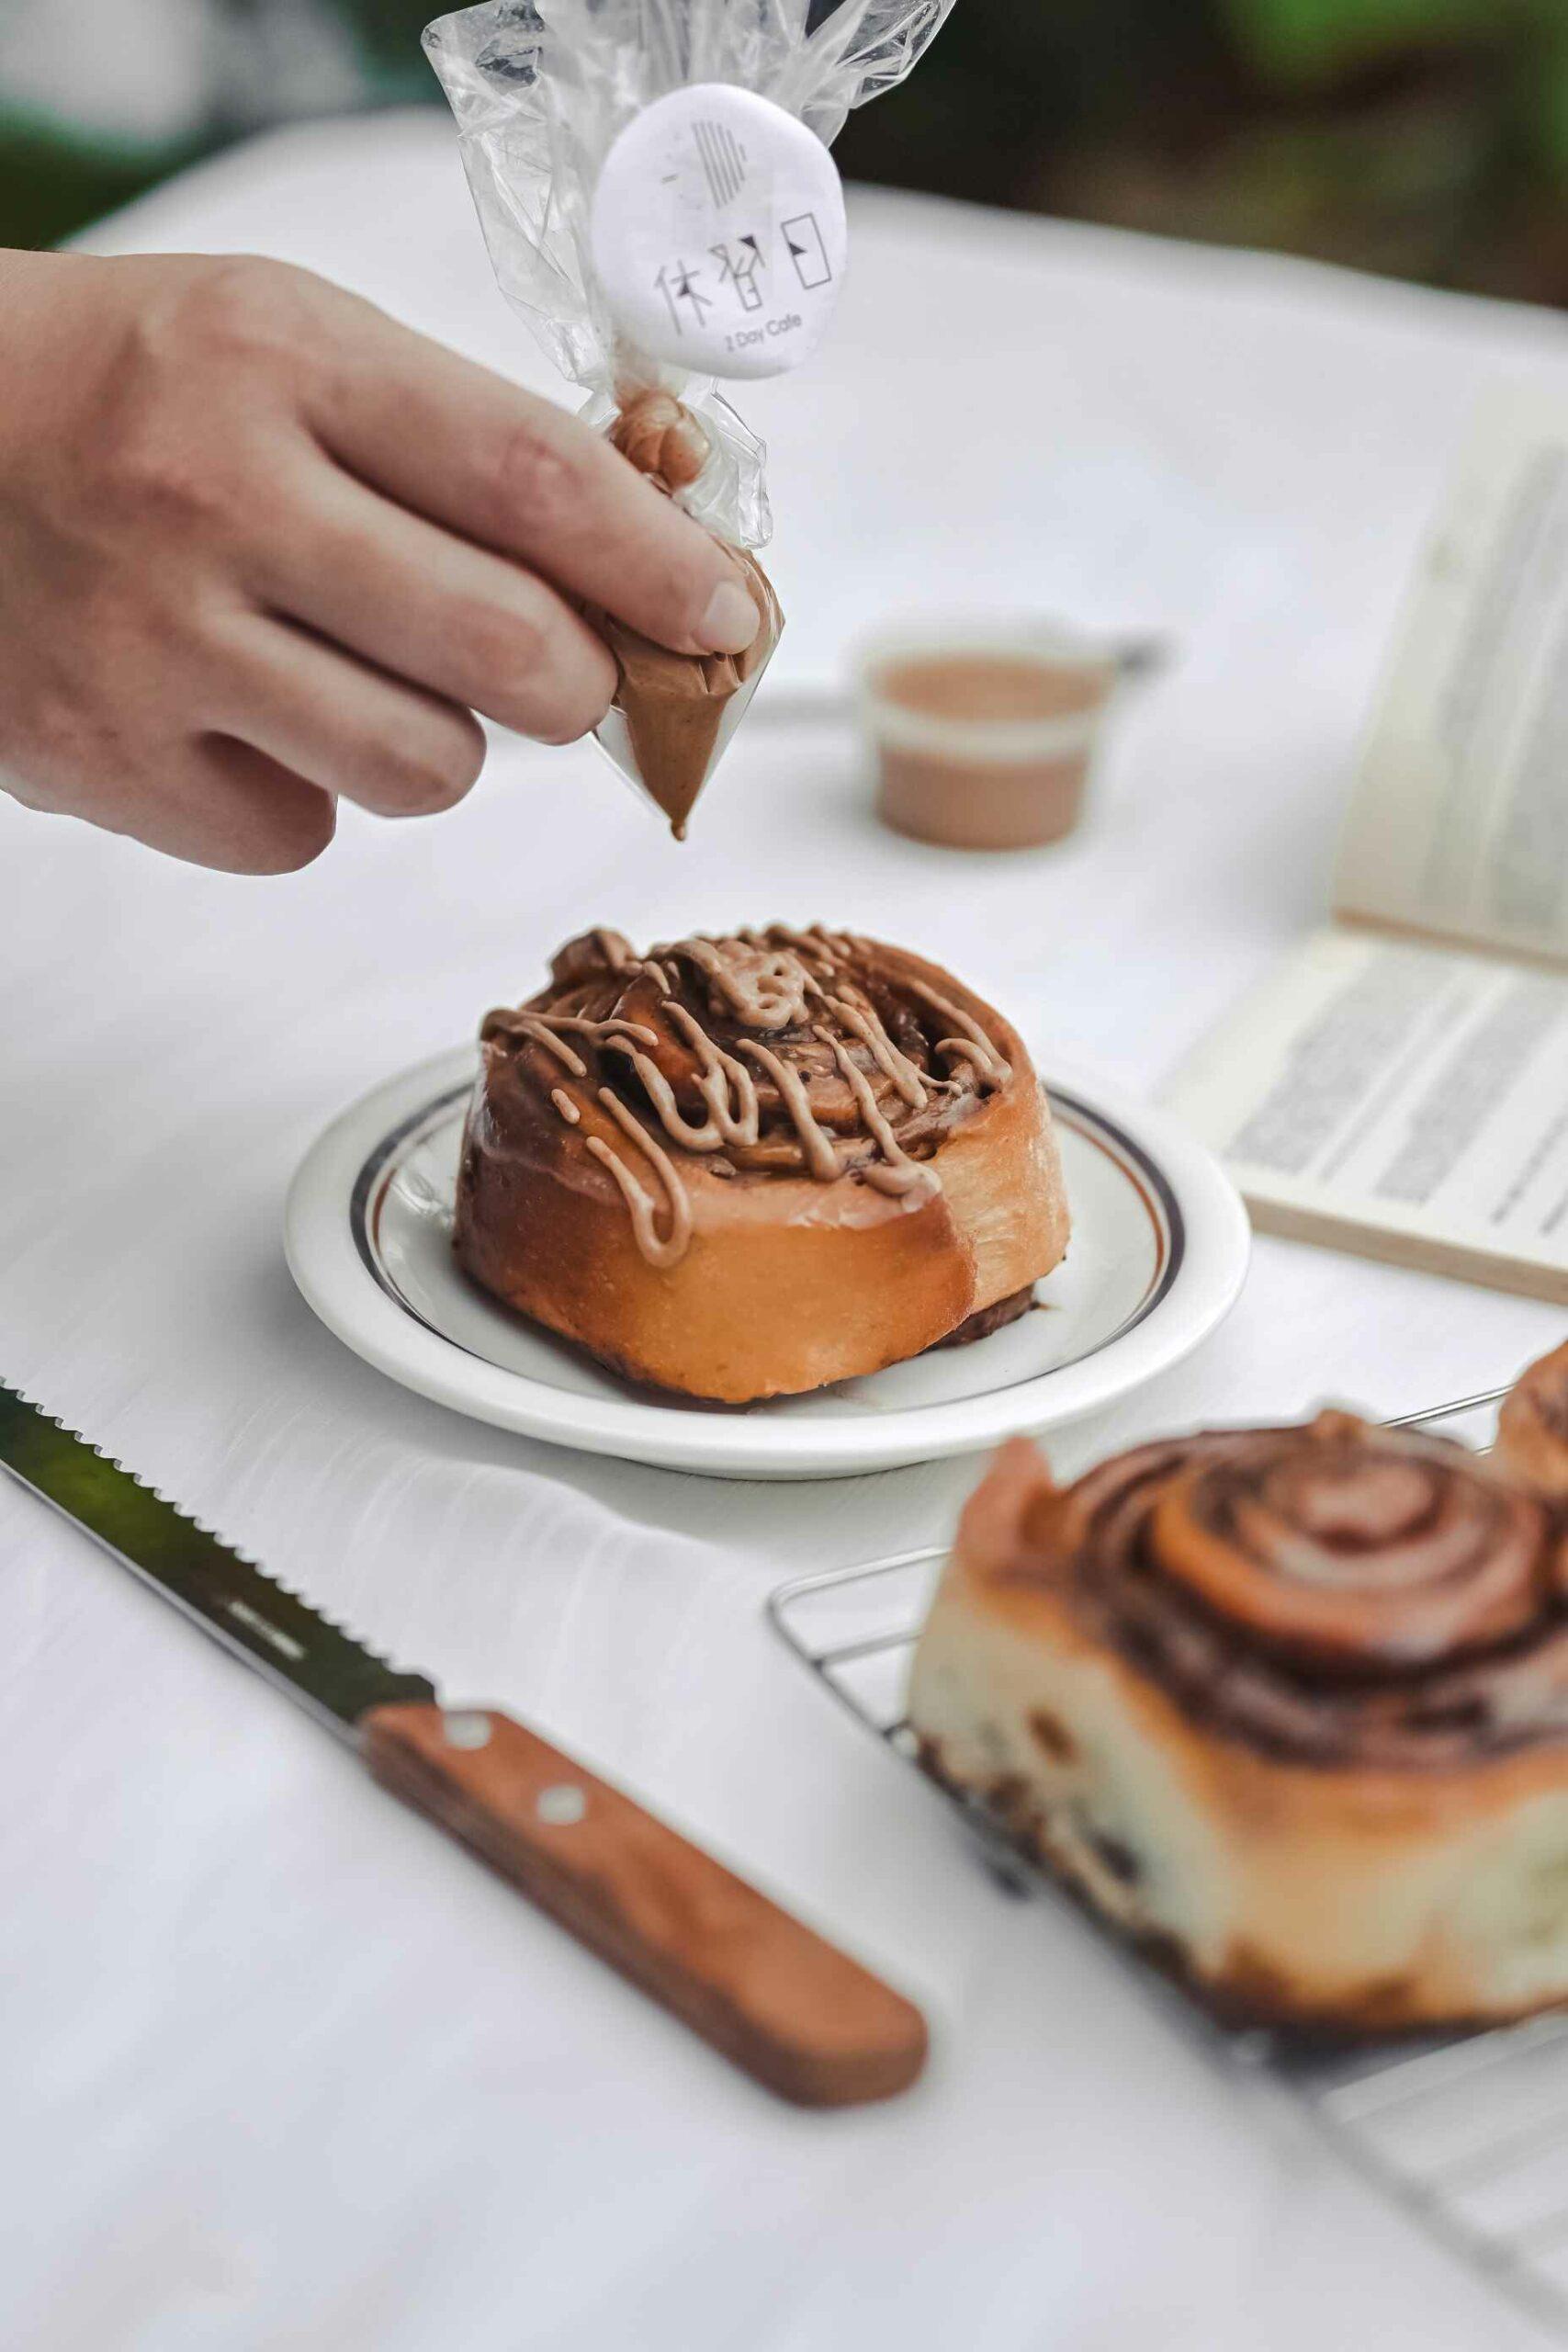 休習日Z Day Cafe:慢嚐生活,在行事曆中安排你的休習日 /休習日肉桂捲【台北不限時咖啡廳】 @女子的休假計劃